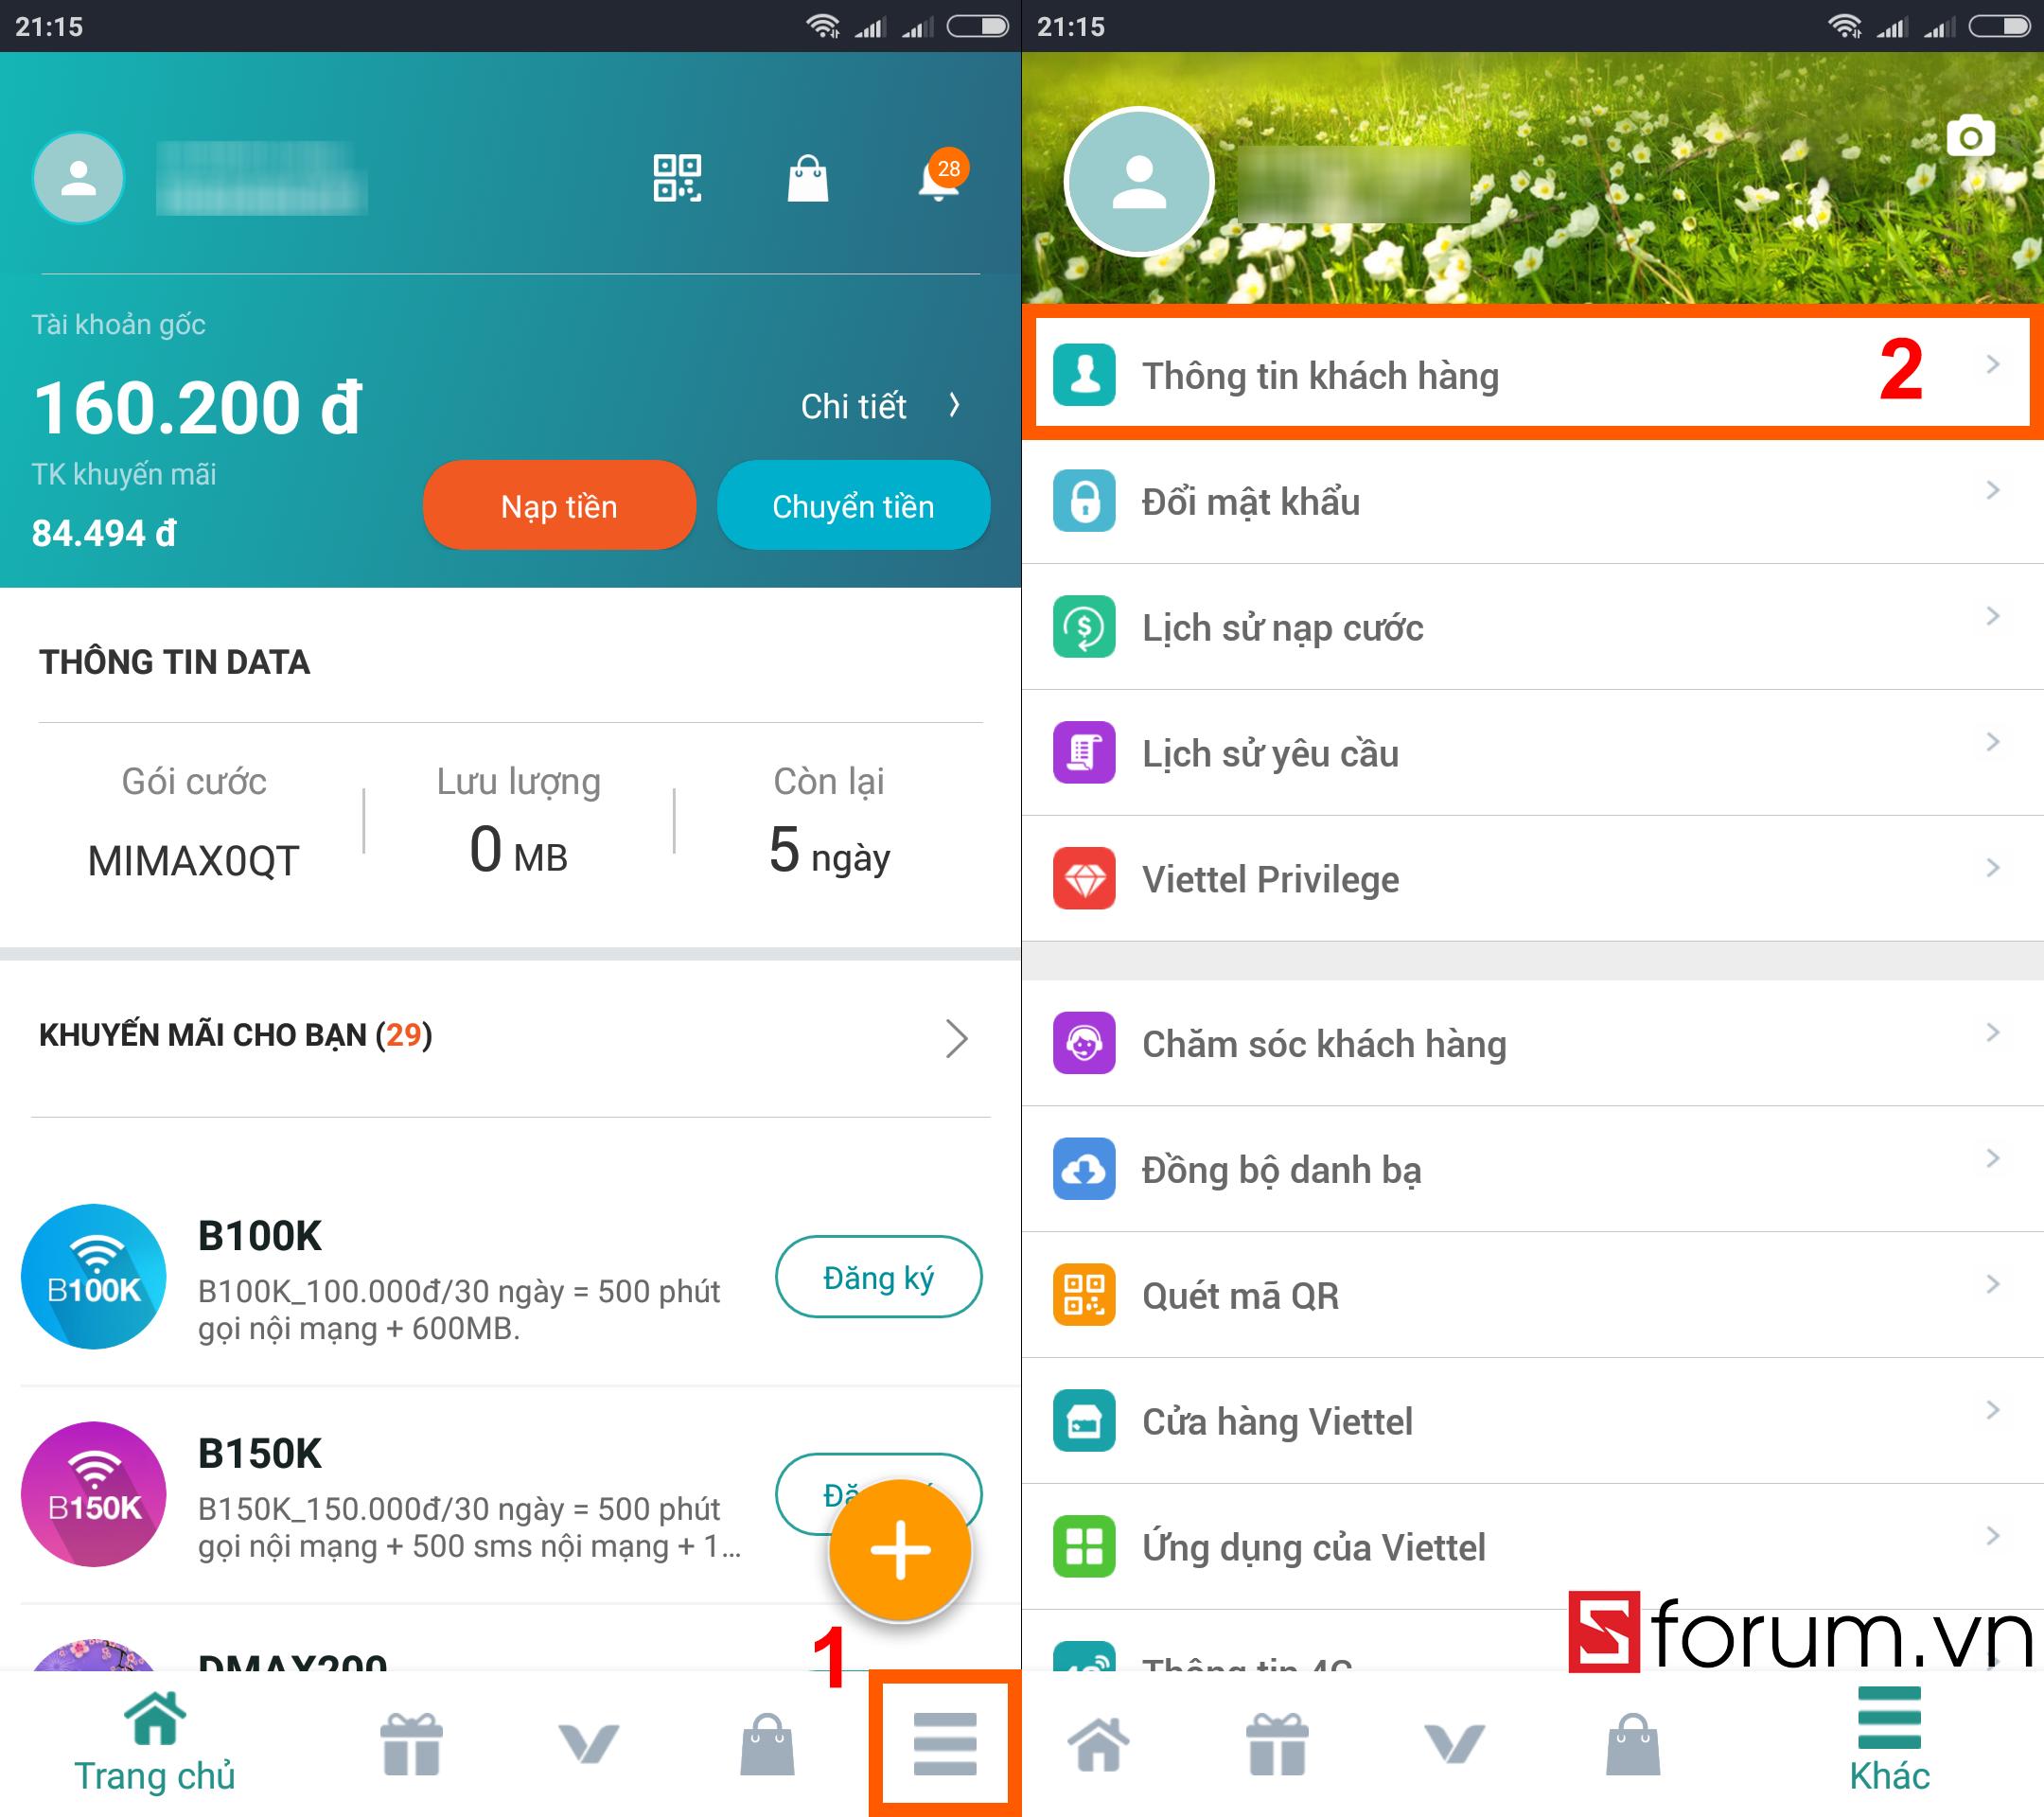 Sforum - Trang thông tin công nghệ mới nhất dk-tttb-viettel-sforum-4 Hướng dẫn tra cứu và cập nhật thông tin thuê bao Viettel ngay tại nhà bằng smartphone